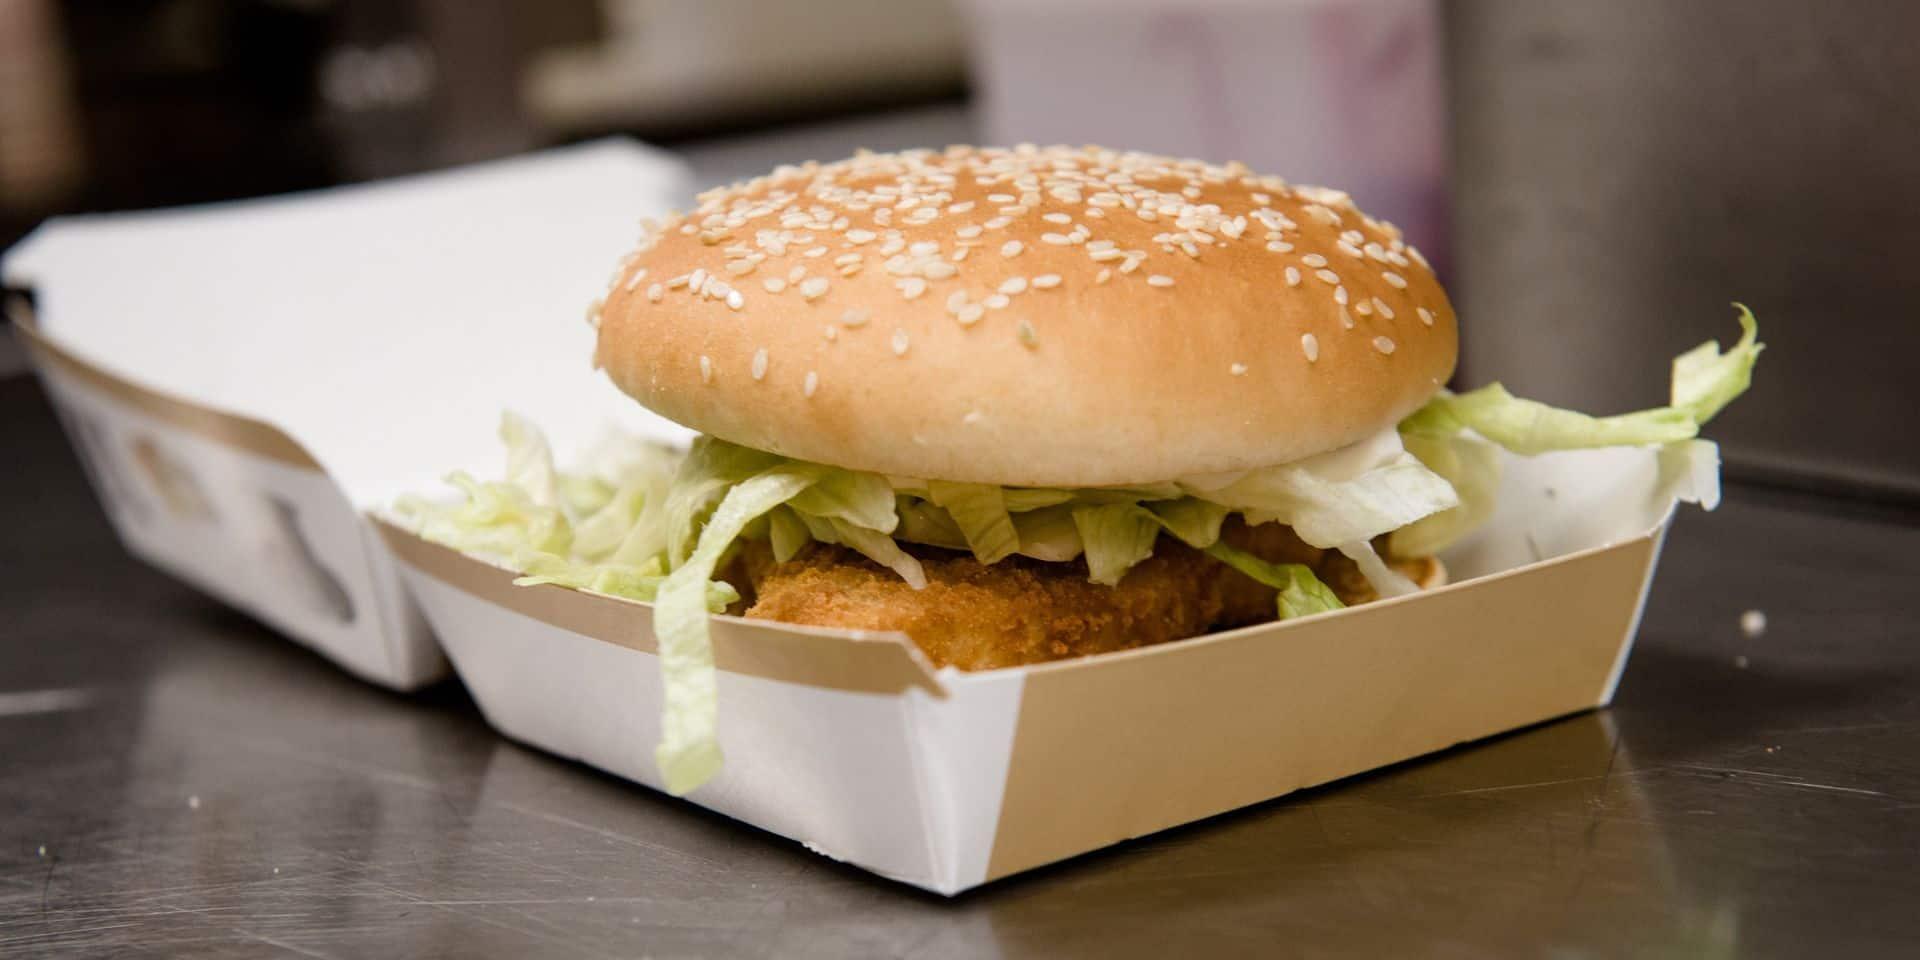 """Il filme son burger périmé depuis dix ans : """"J'avais entendu qu'un McDo ne se décomposait jamais, je voulais en avoir le cœur net"""""""